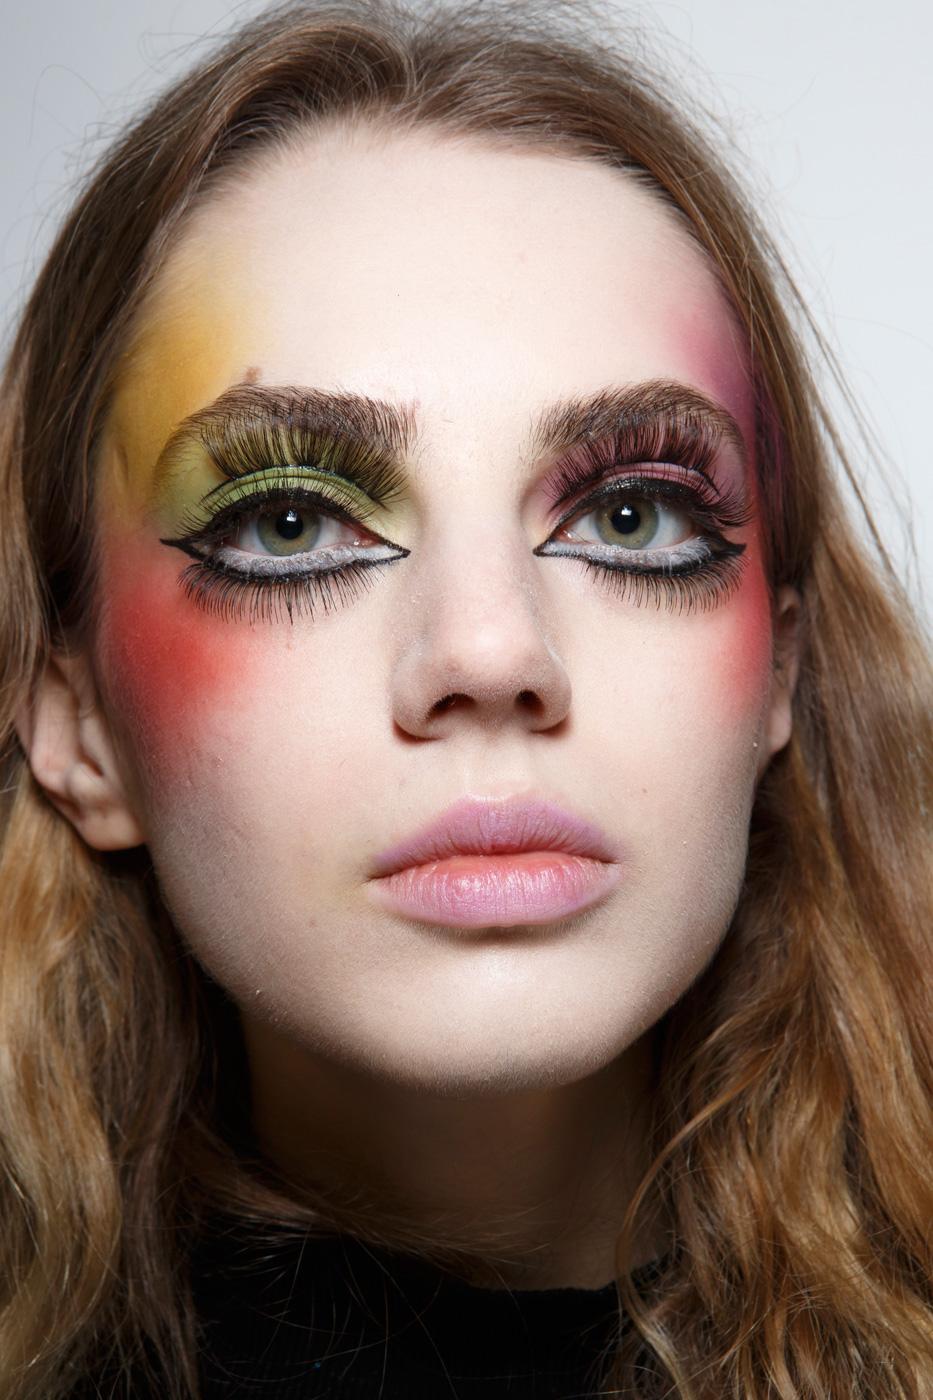 Những kiểu makeup dọa ma khiến người xem phải giật mình tại Tuần lễ thời trang Thu/Đông 2017 - Ảnh 3.